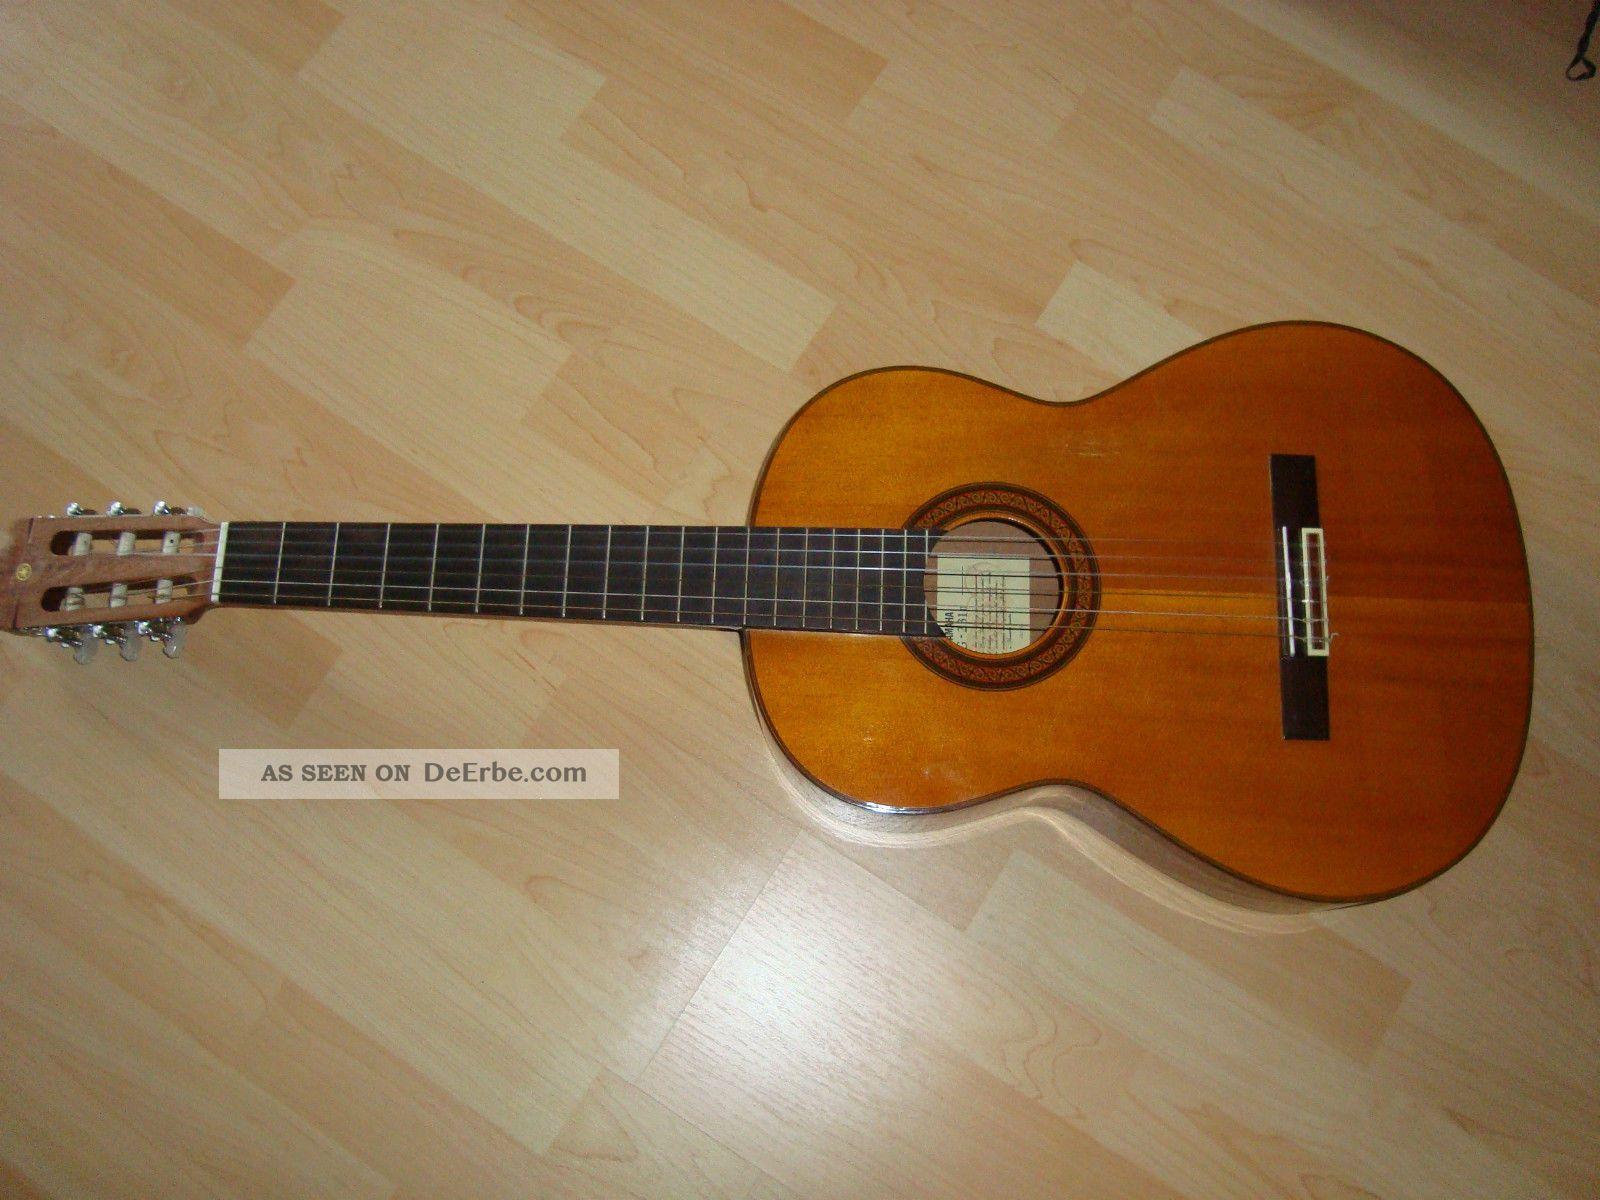 Yamaha G - 231 Ii - Gitarre°°°°°°°°°°°°°°°°°°°°°°°°°°°°°°°°°°°°°°°°°°°°°°°°°°°°° Musikinstrumente Bild